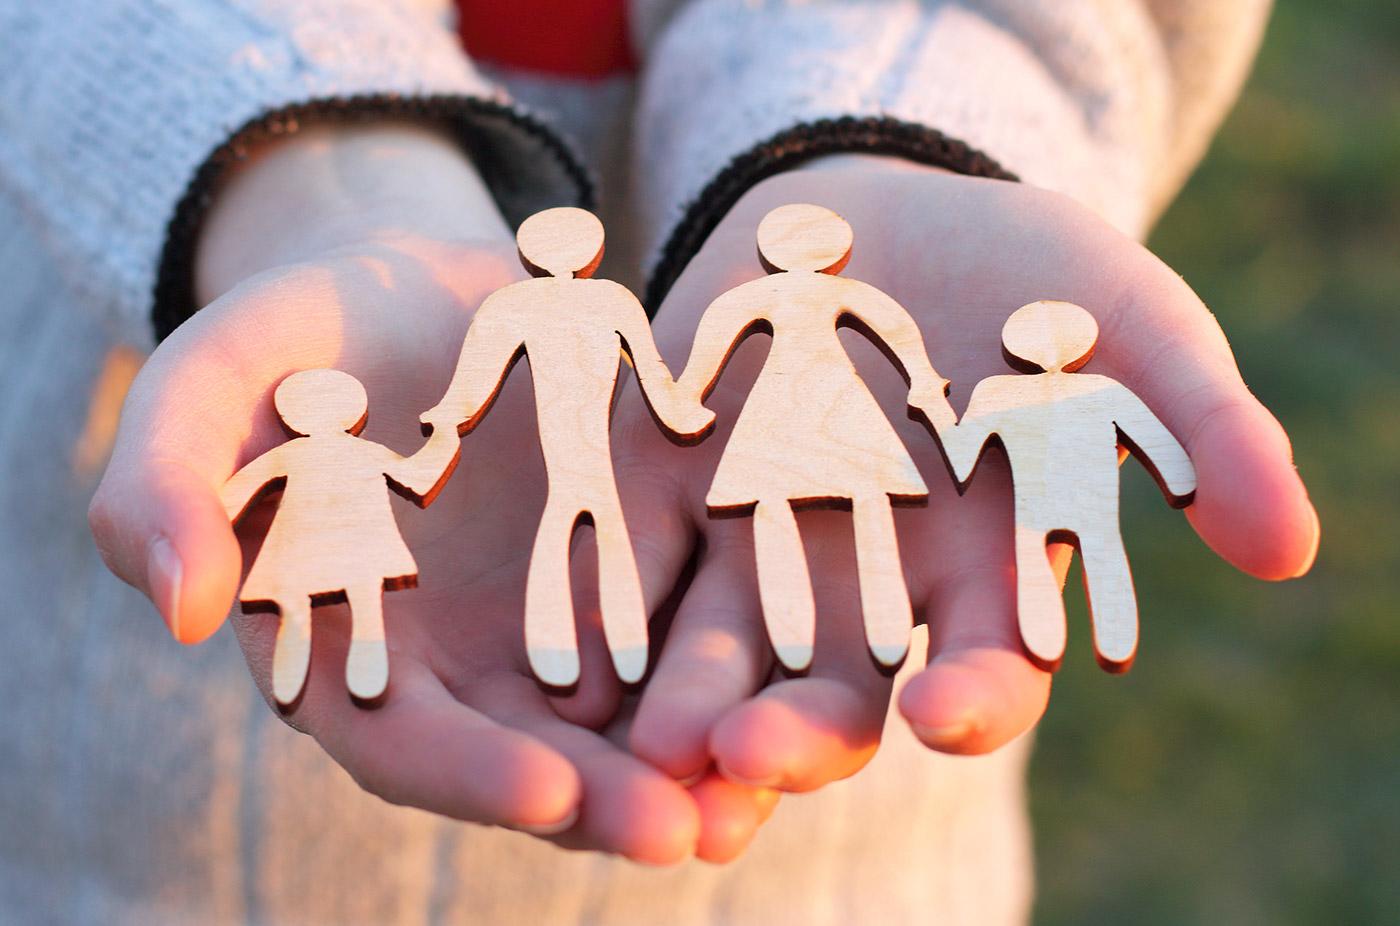 Kinderhanden houden gefiguurzaagde triplex afbeelding van een vader en met een moeder met links en rechts een kind. De vier figuurtjes houden elkaars hand vast.